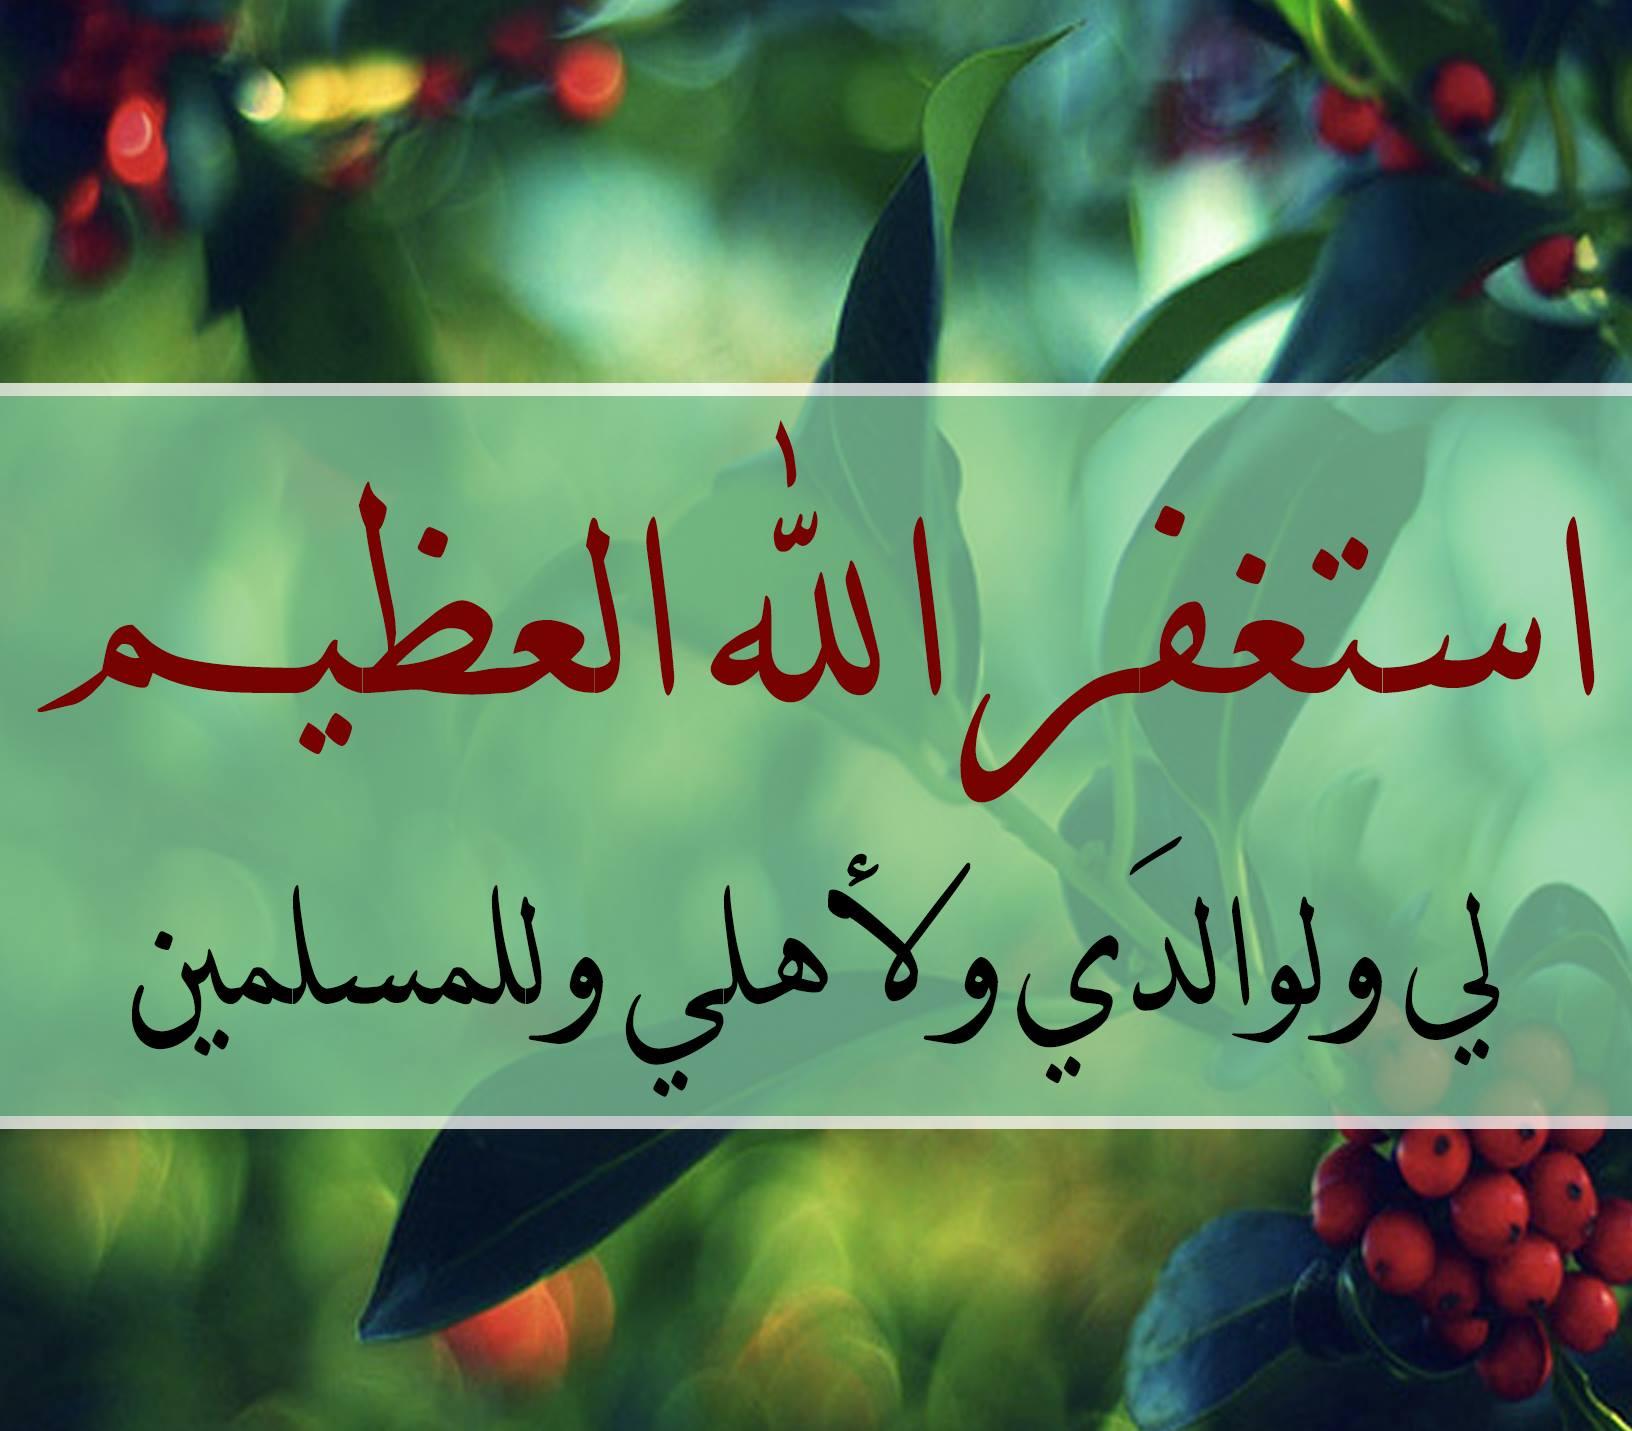 بالصور اجمل صور دينيه , رسائل واذكار وادعية دينية اسلامية رائعة 2097 2